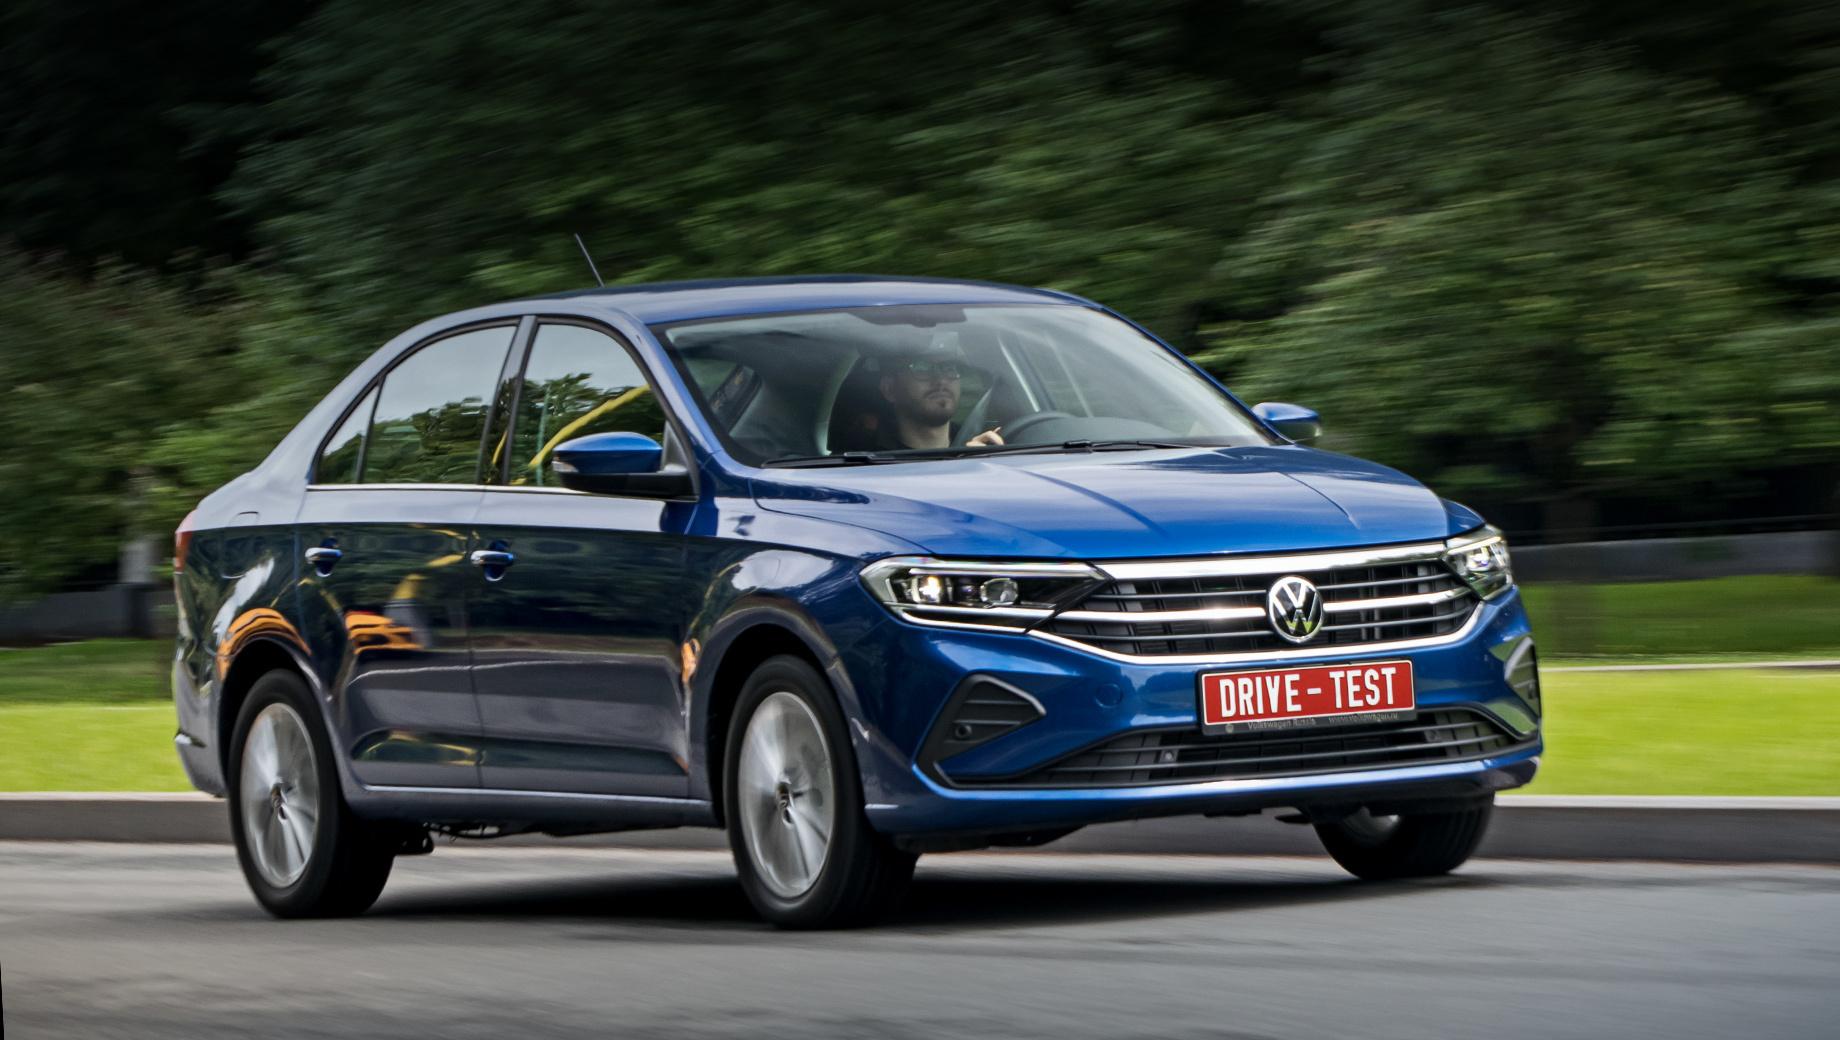 Volkswagen polo. Самый простой Volkswagen Polo стоит 793 тысячи рублей, кондиционируемый ― от 838 тысяч. С «автоматом» ― от 938 тысяч. Версия Exclusive 1.4 TSI (как на фото) достигает 1,33 млн рублей.